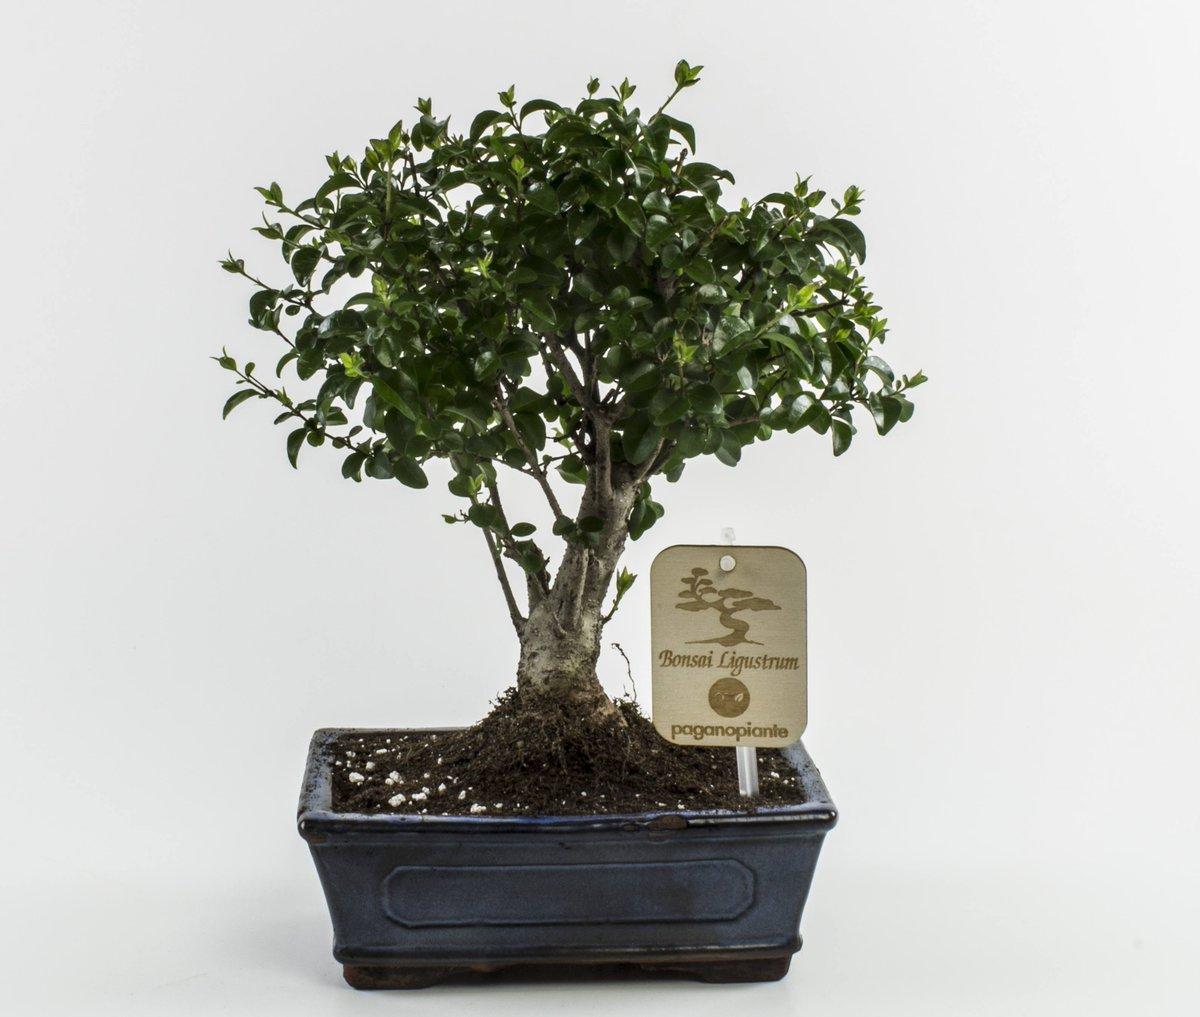 Se in questi mesi hai portato i #bonsai all'interno, ora, con l'inizio della #primavera, puoi collocare i tuoi piccoli #alberi all'esterno, in modo che essi possano ricevere la giusta quantità di #sole. https://t.co/NIwLvUEngk https://t.co/SStpLEygY0